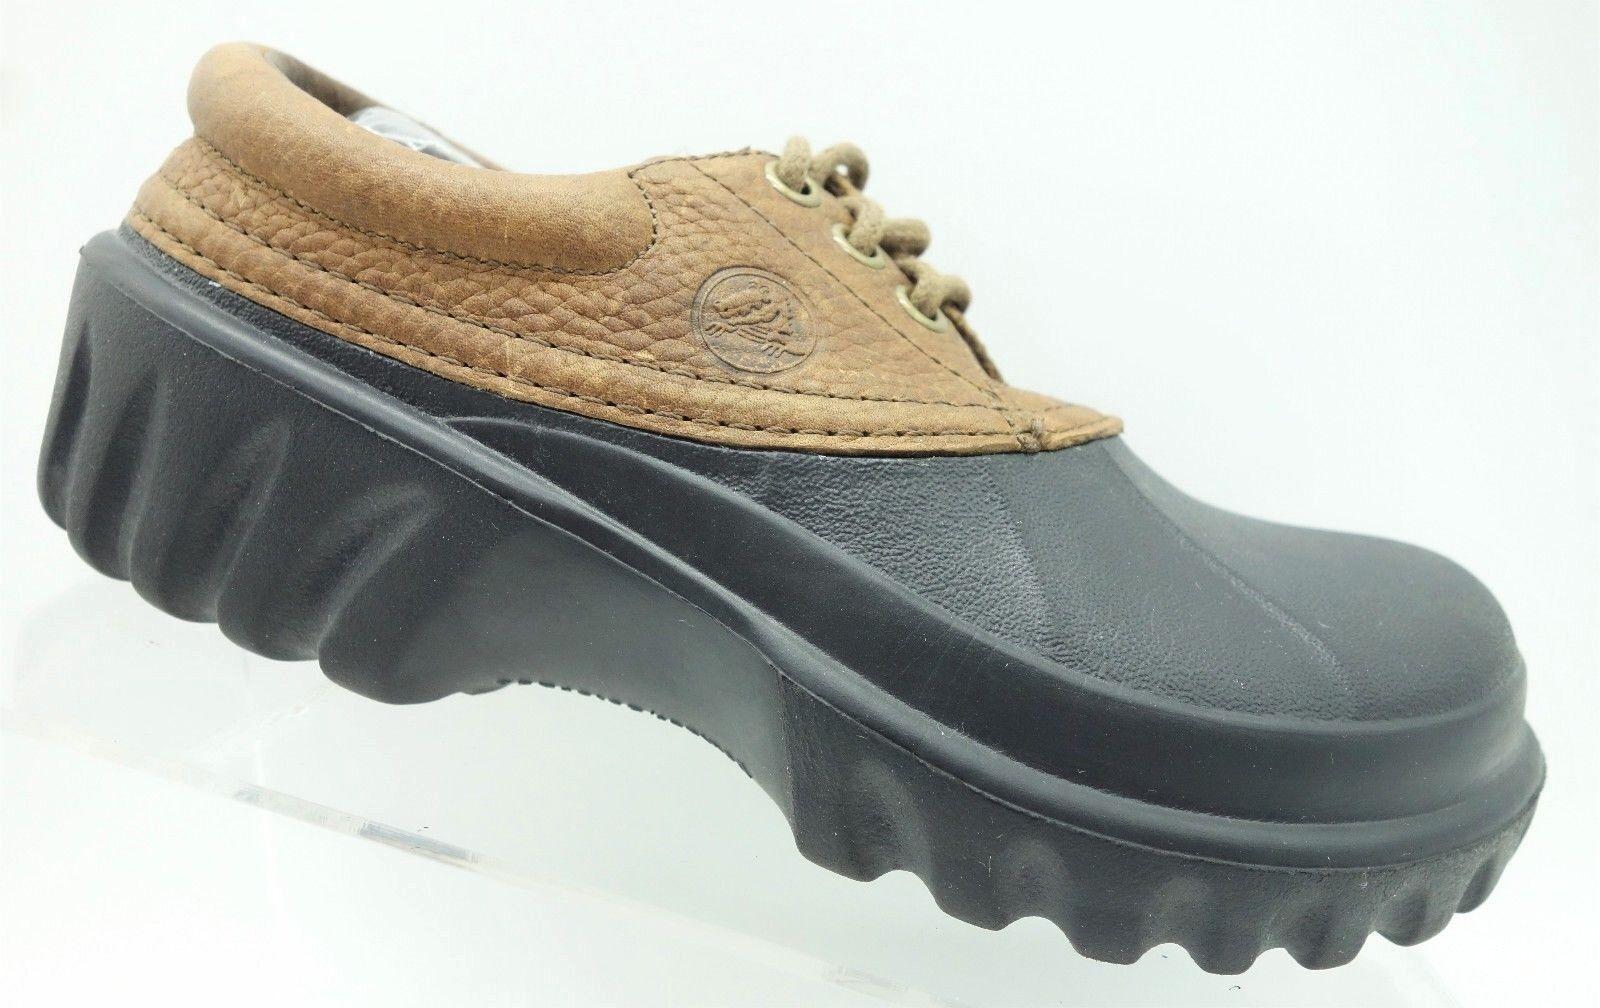 Crocs Islander marróns marróns marróns Cuero con Cordones Pato Cubierta Informales Zapatos de mujer 6  artículos de promoción